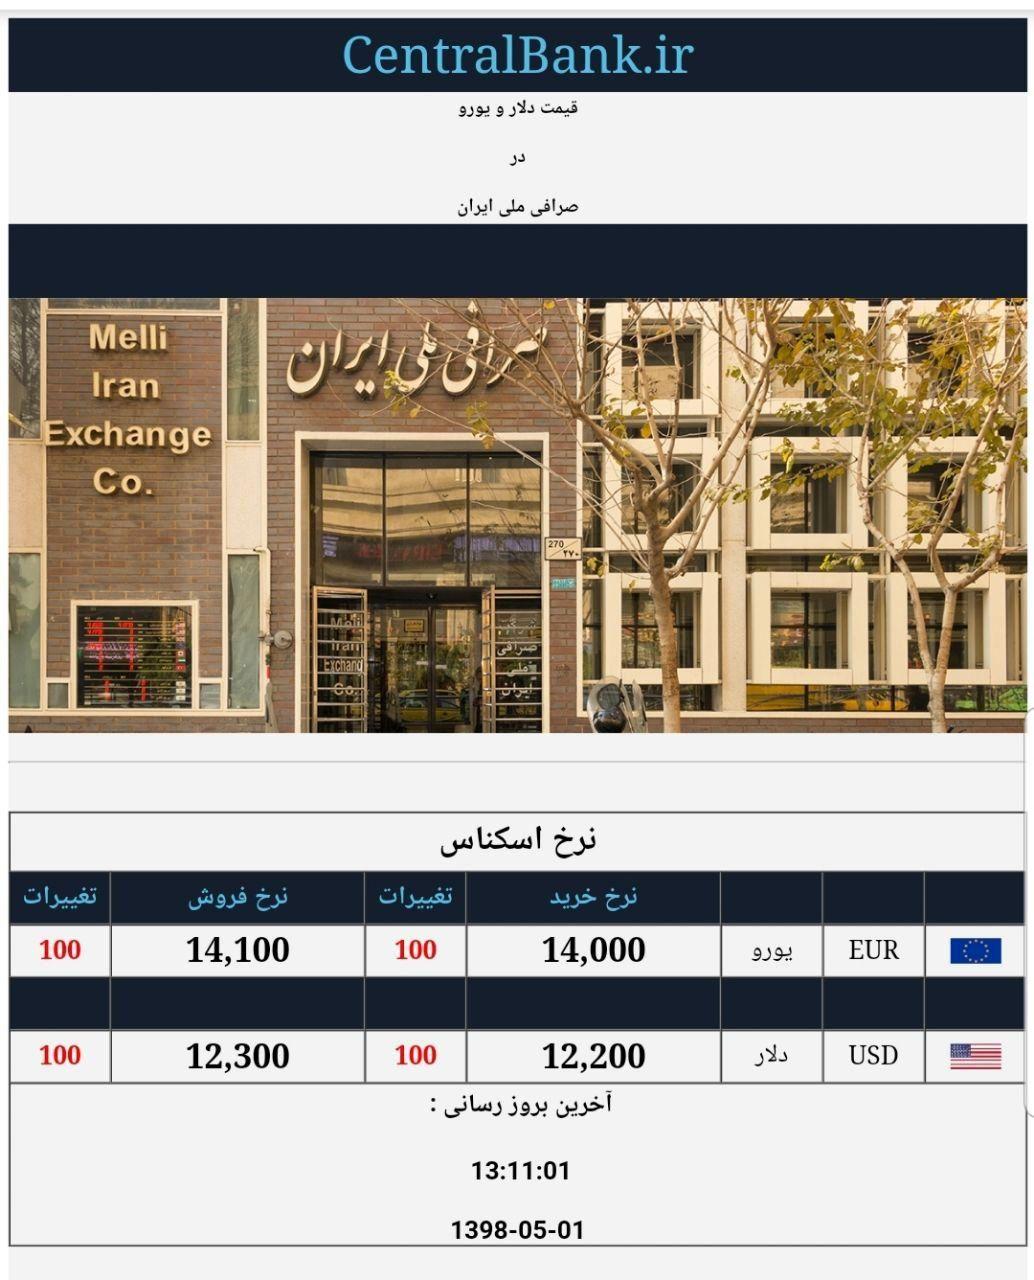 قیمت دلار و یورو در صرافی ملی امروز ۱۳۹۸/۰۵/۰۱|افزایش قیمت